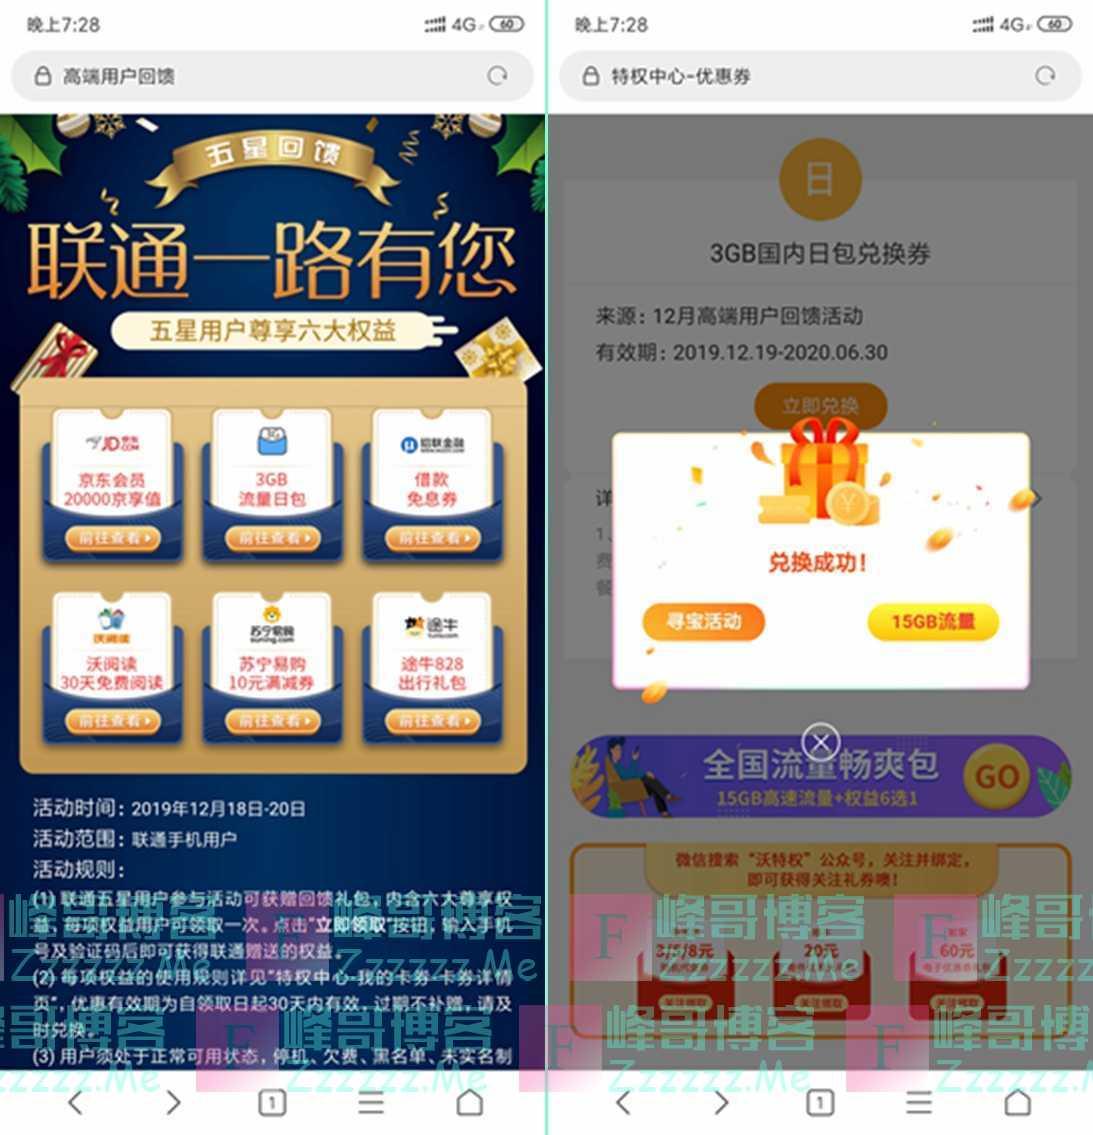 联通高端用户回馈活动 免费领取3G流量日包,2万京东京享值等